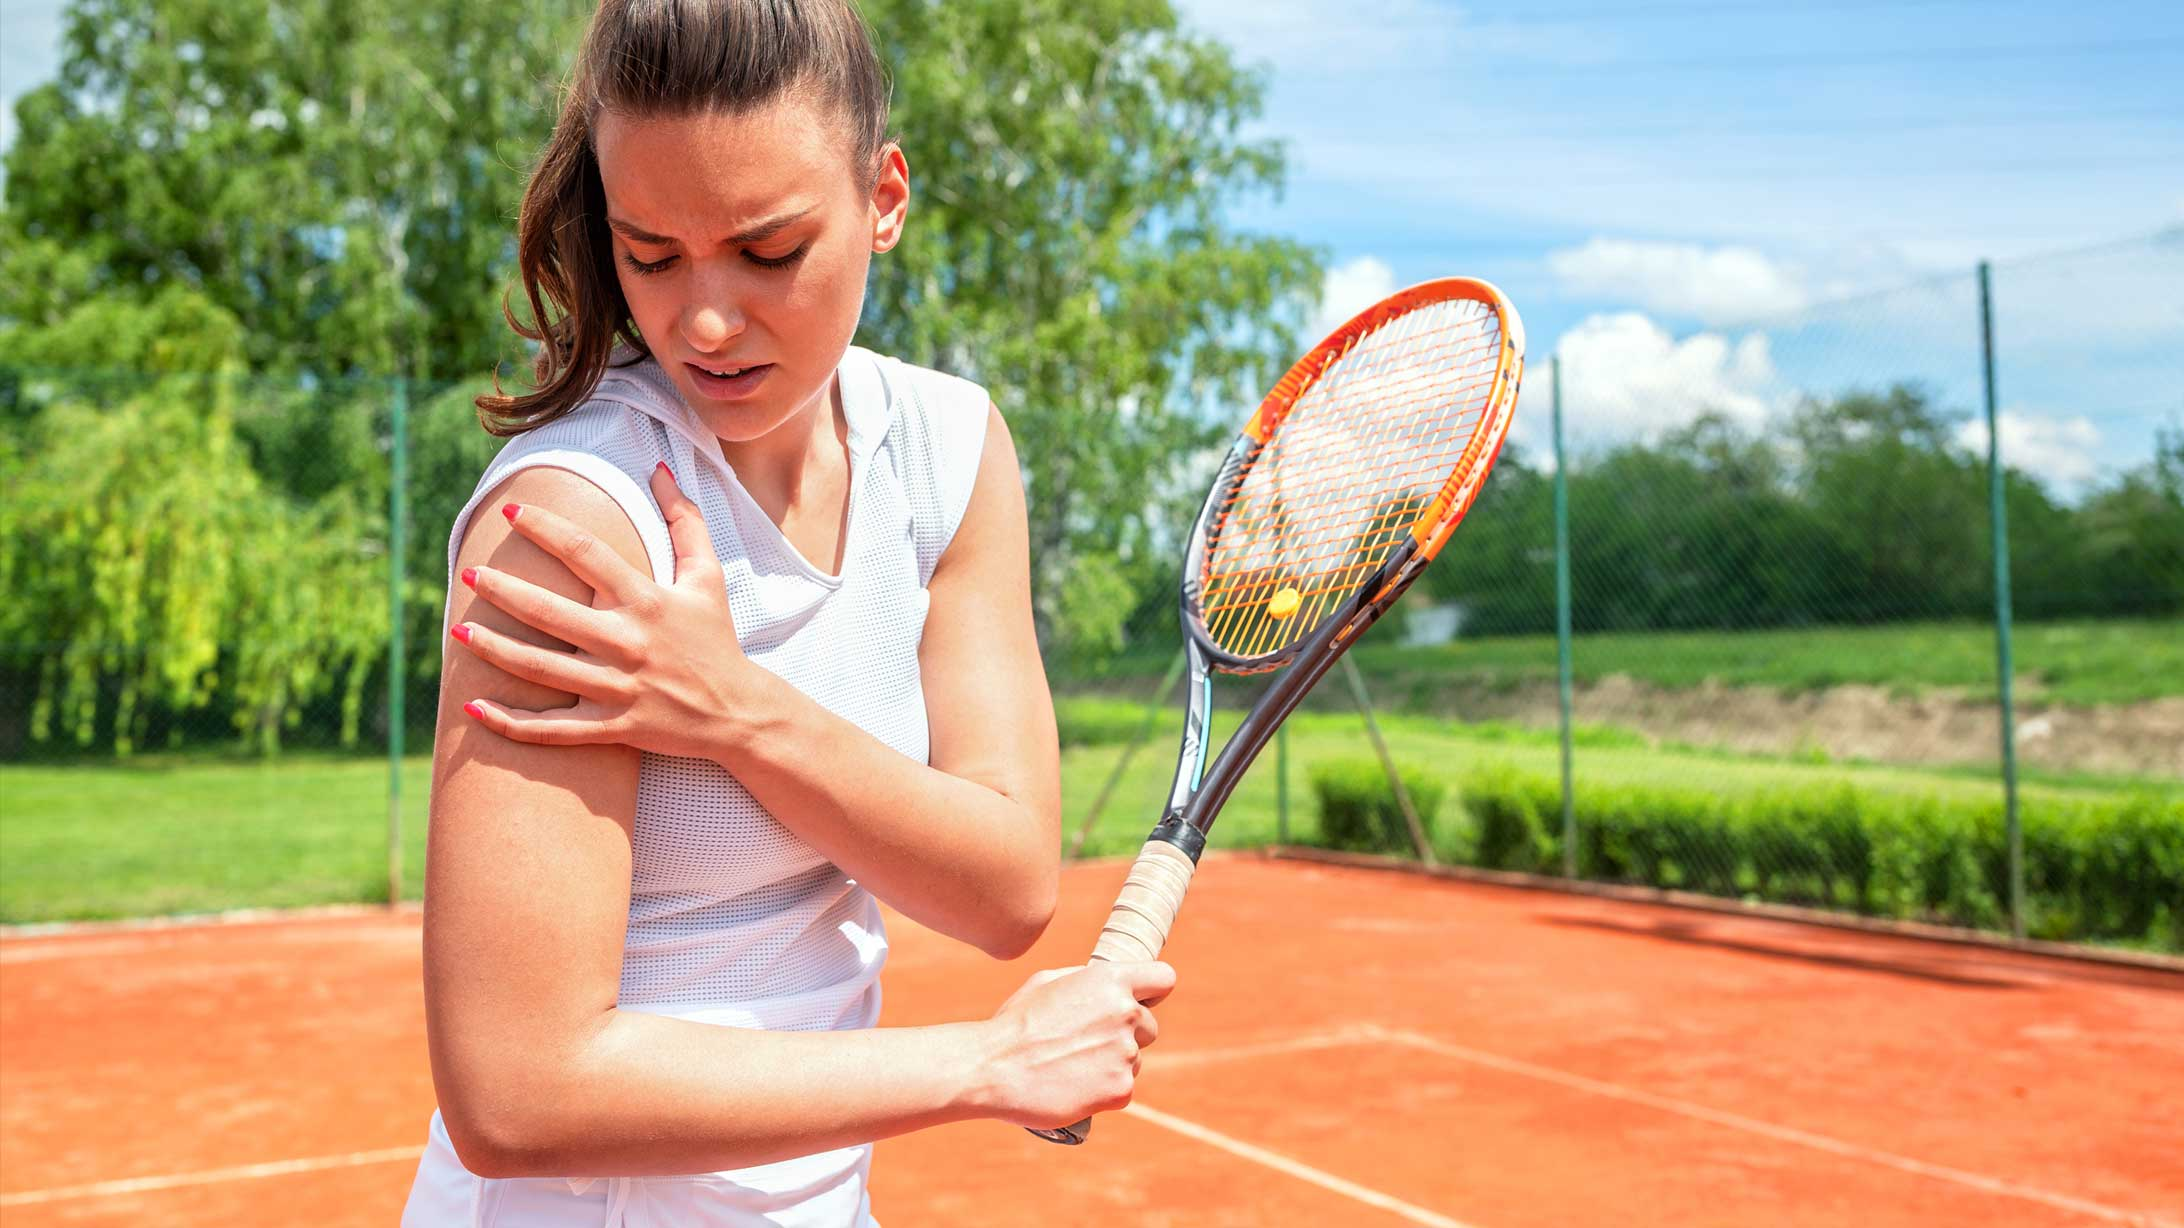 Frau die Tennis spielt hält sich die Schmerzende Schulter